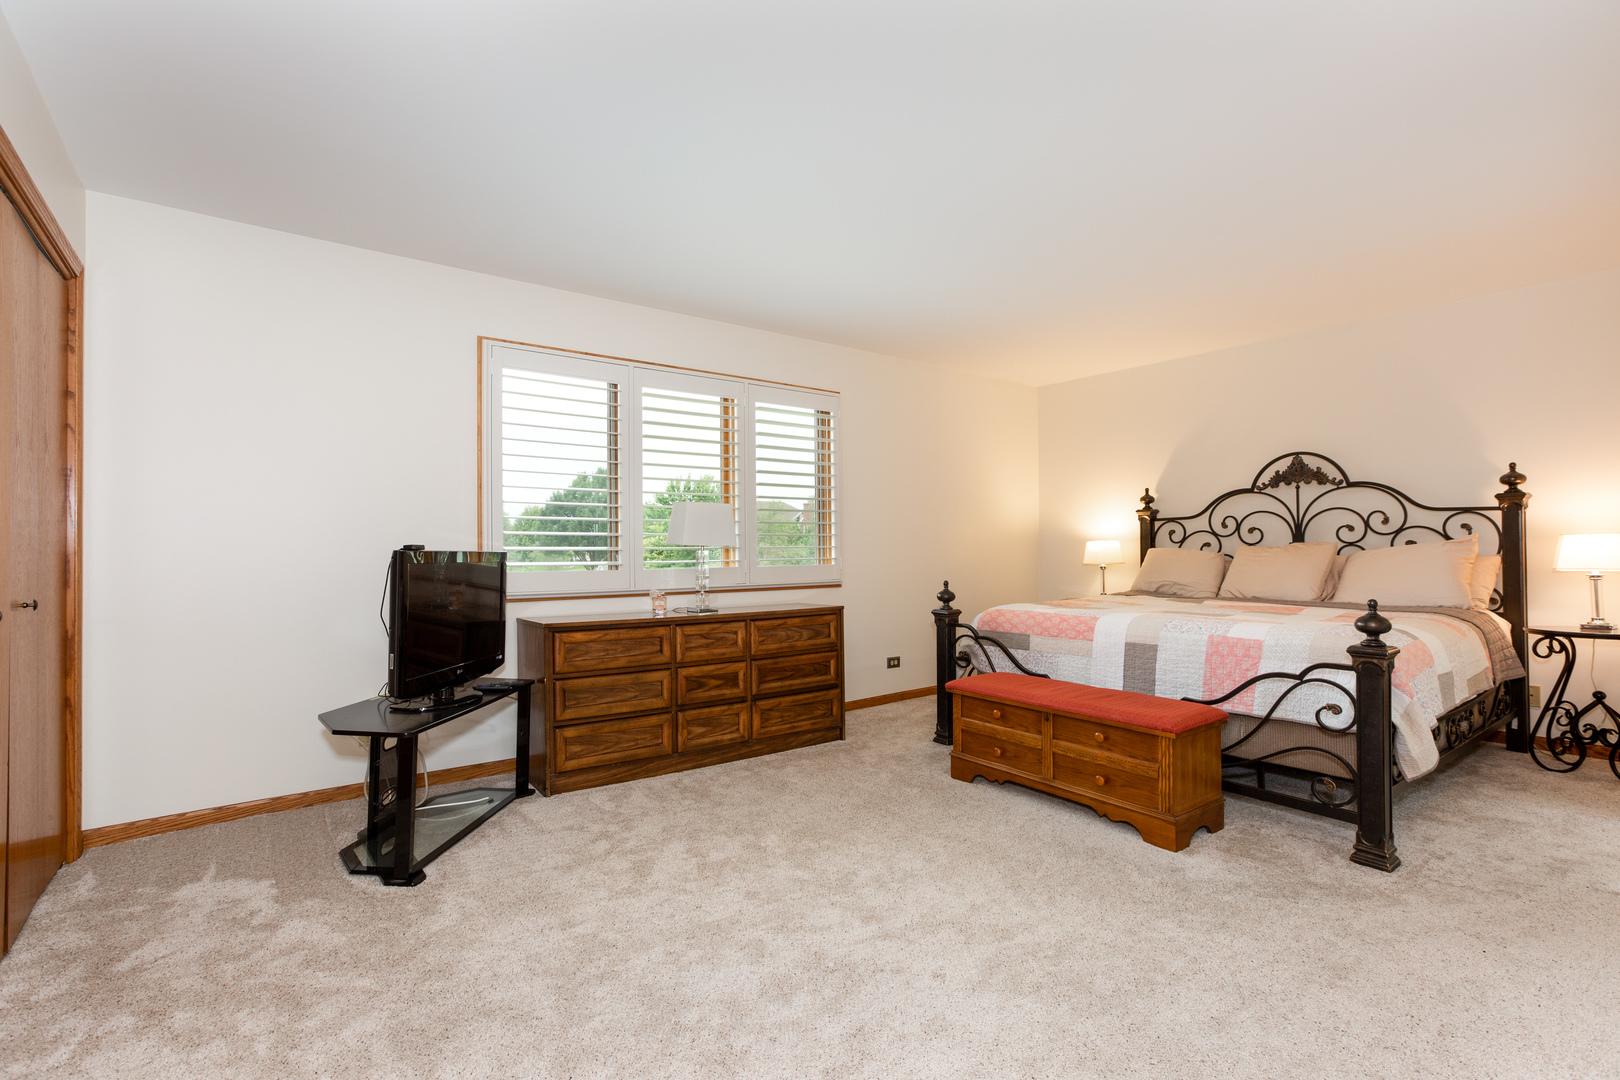 14752 Greenbrier, Homer Glen, Illinois, 60491